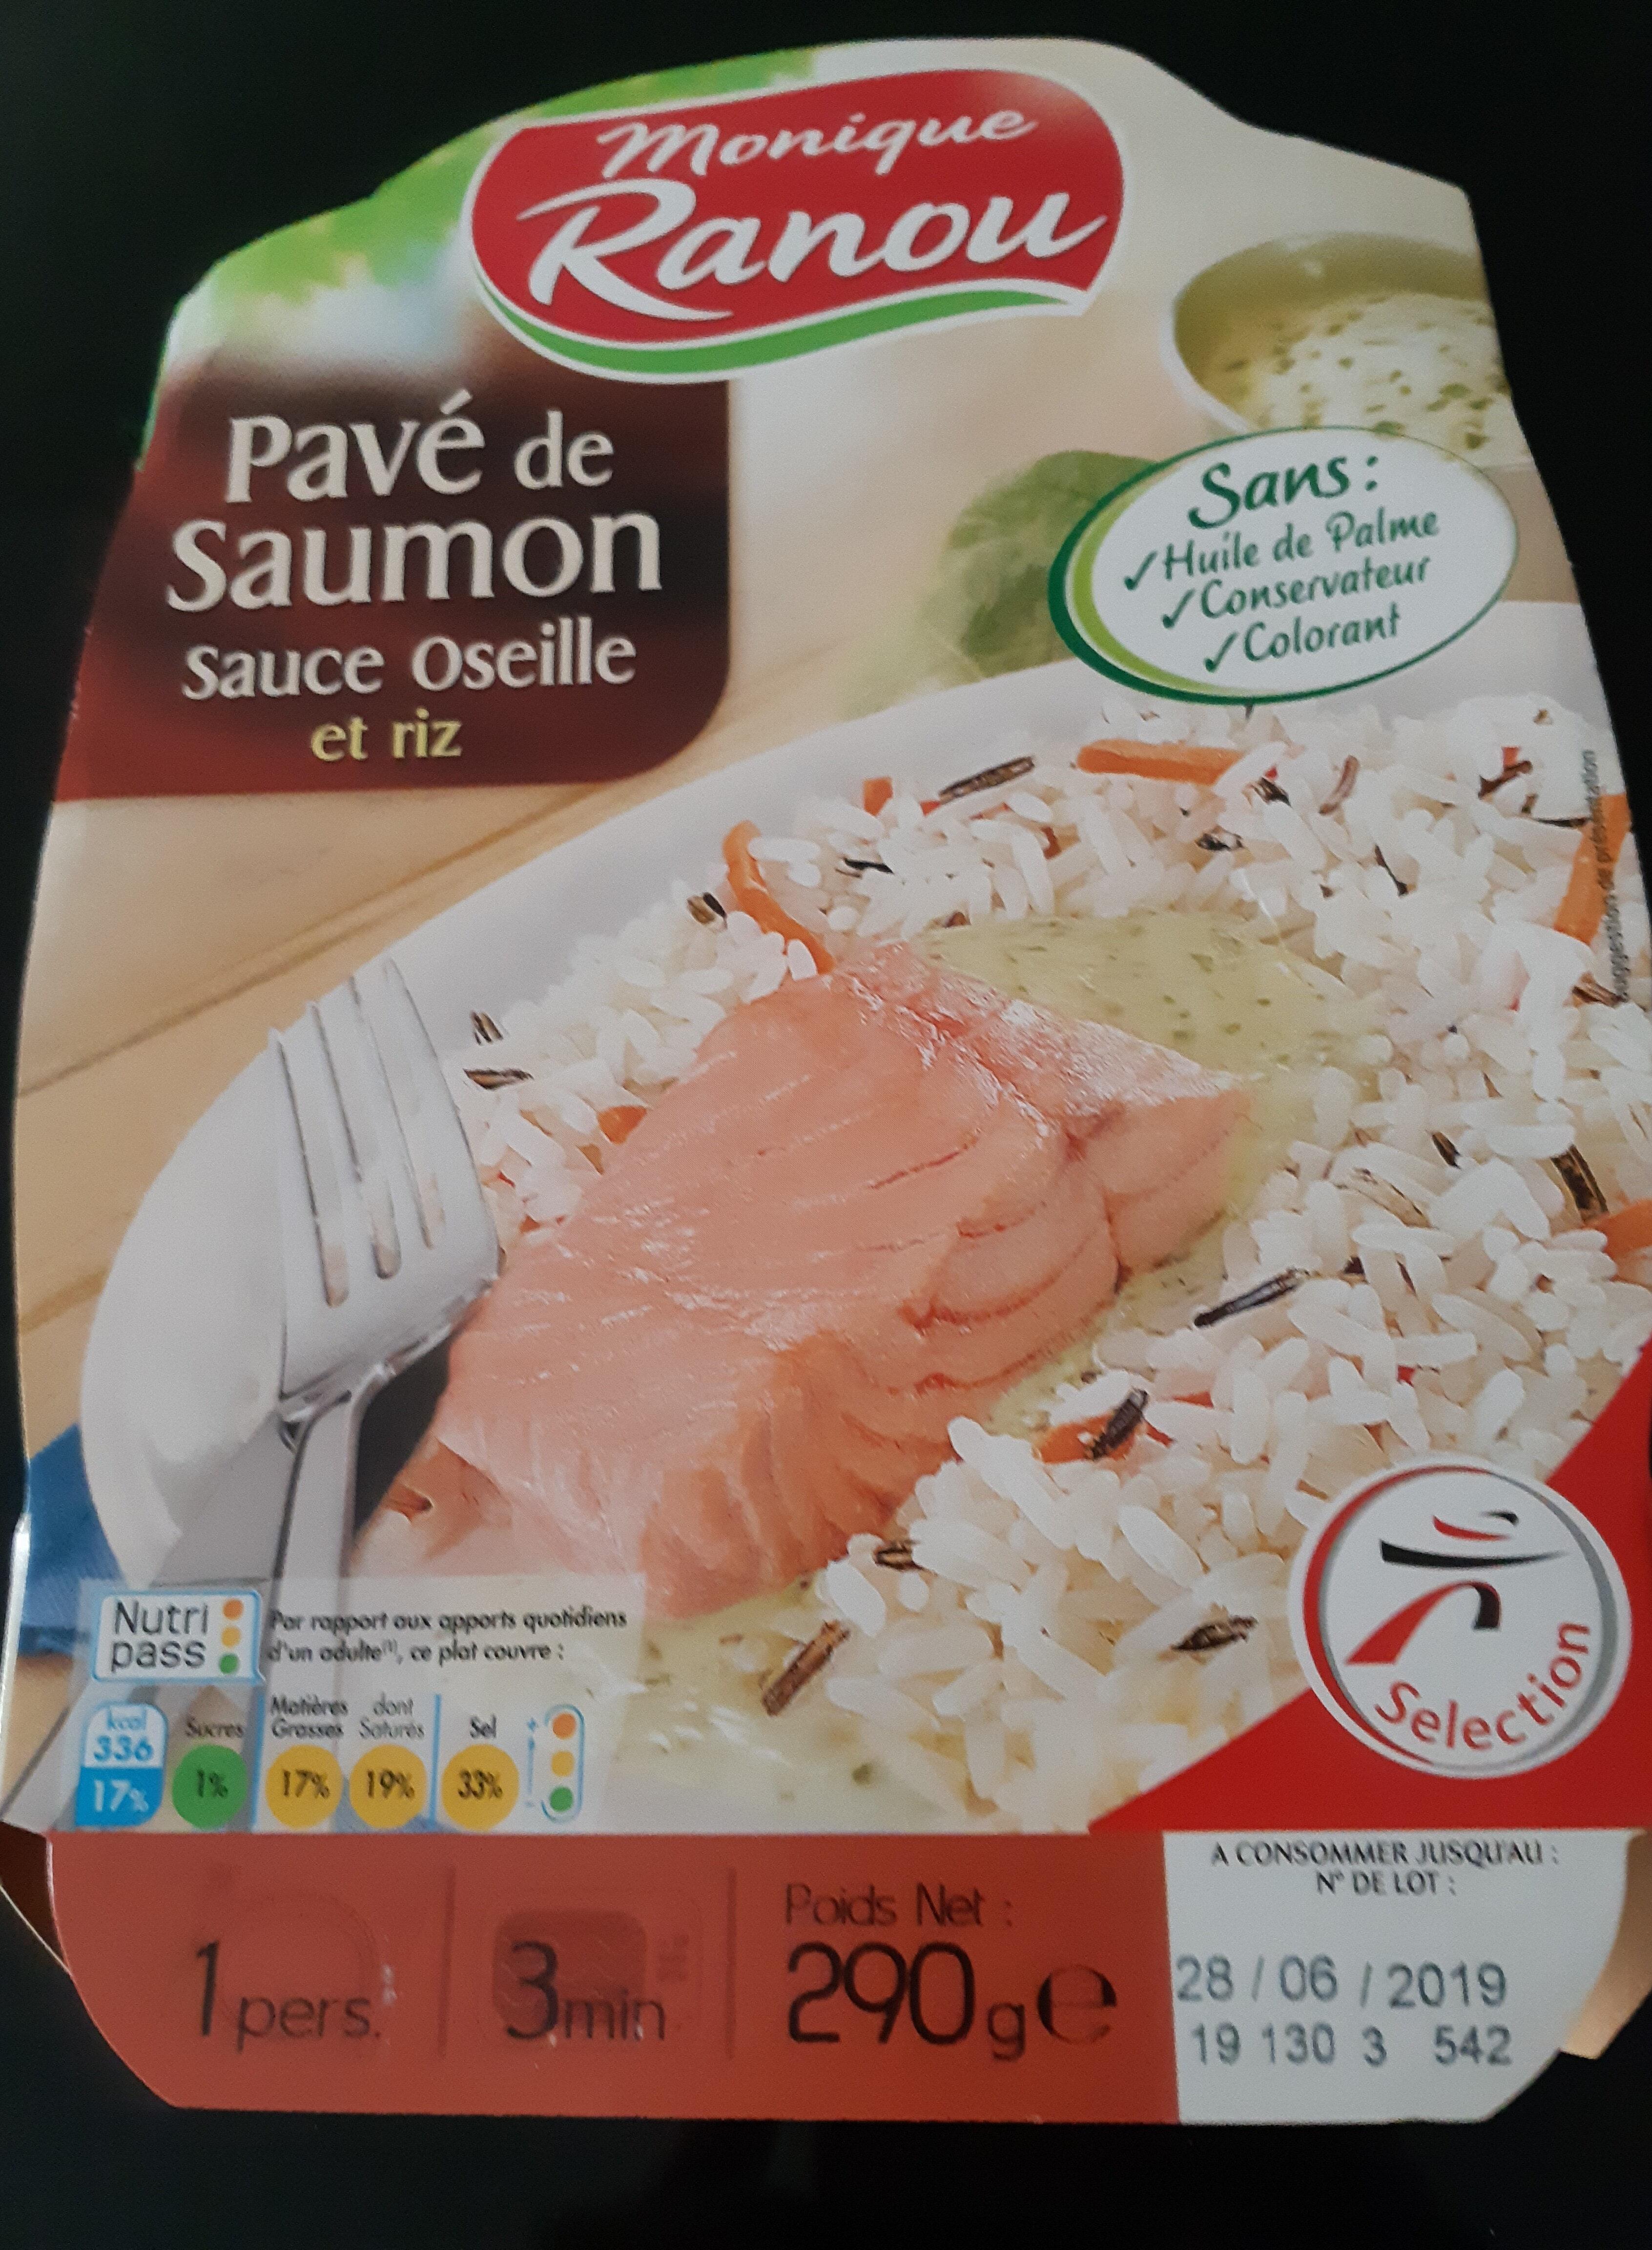 Pavé de Saumon sauce oseille et riz - Nutrition facts